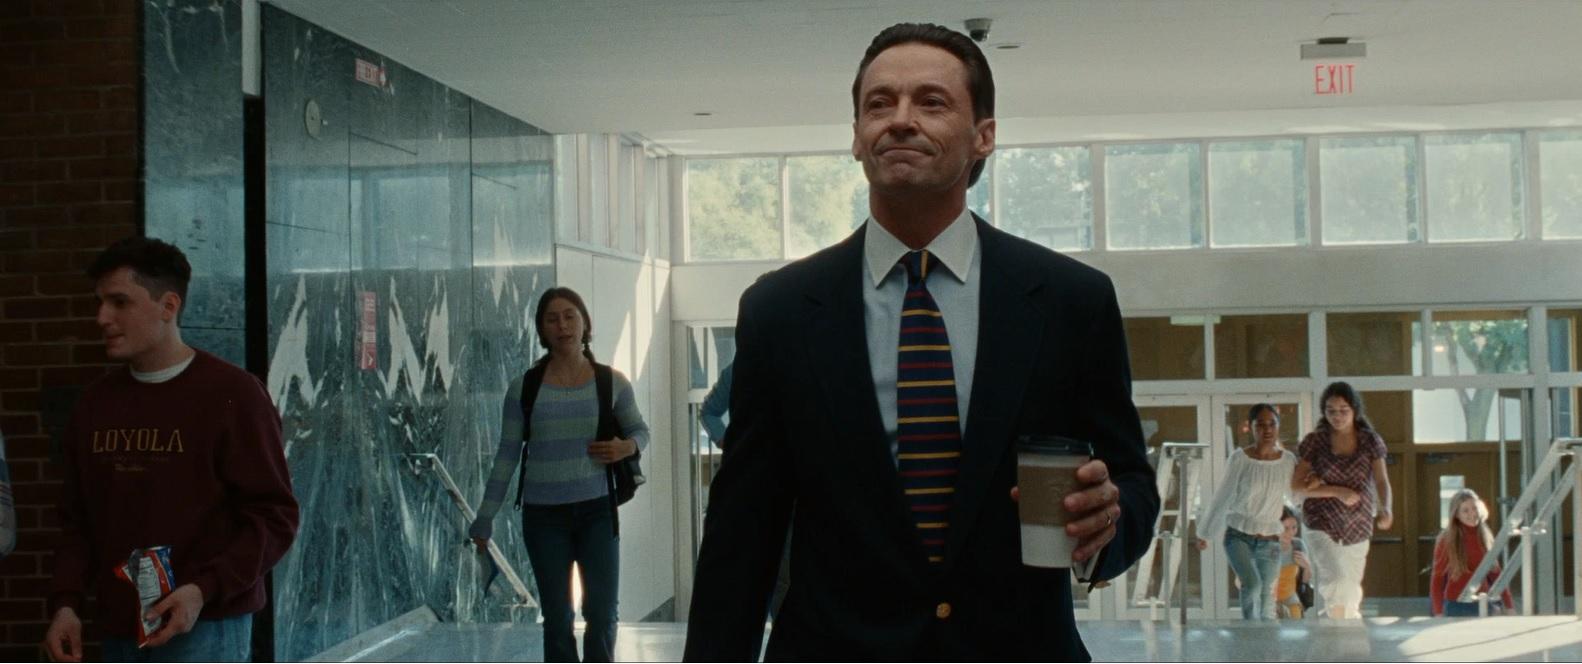 《富比士》(Forbes)雜誌影評人史考特曼德森給出高評價:「《壞教育》是2020年最好的電影之一,也是休傑克曼從影最精湛的表演!」